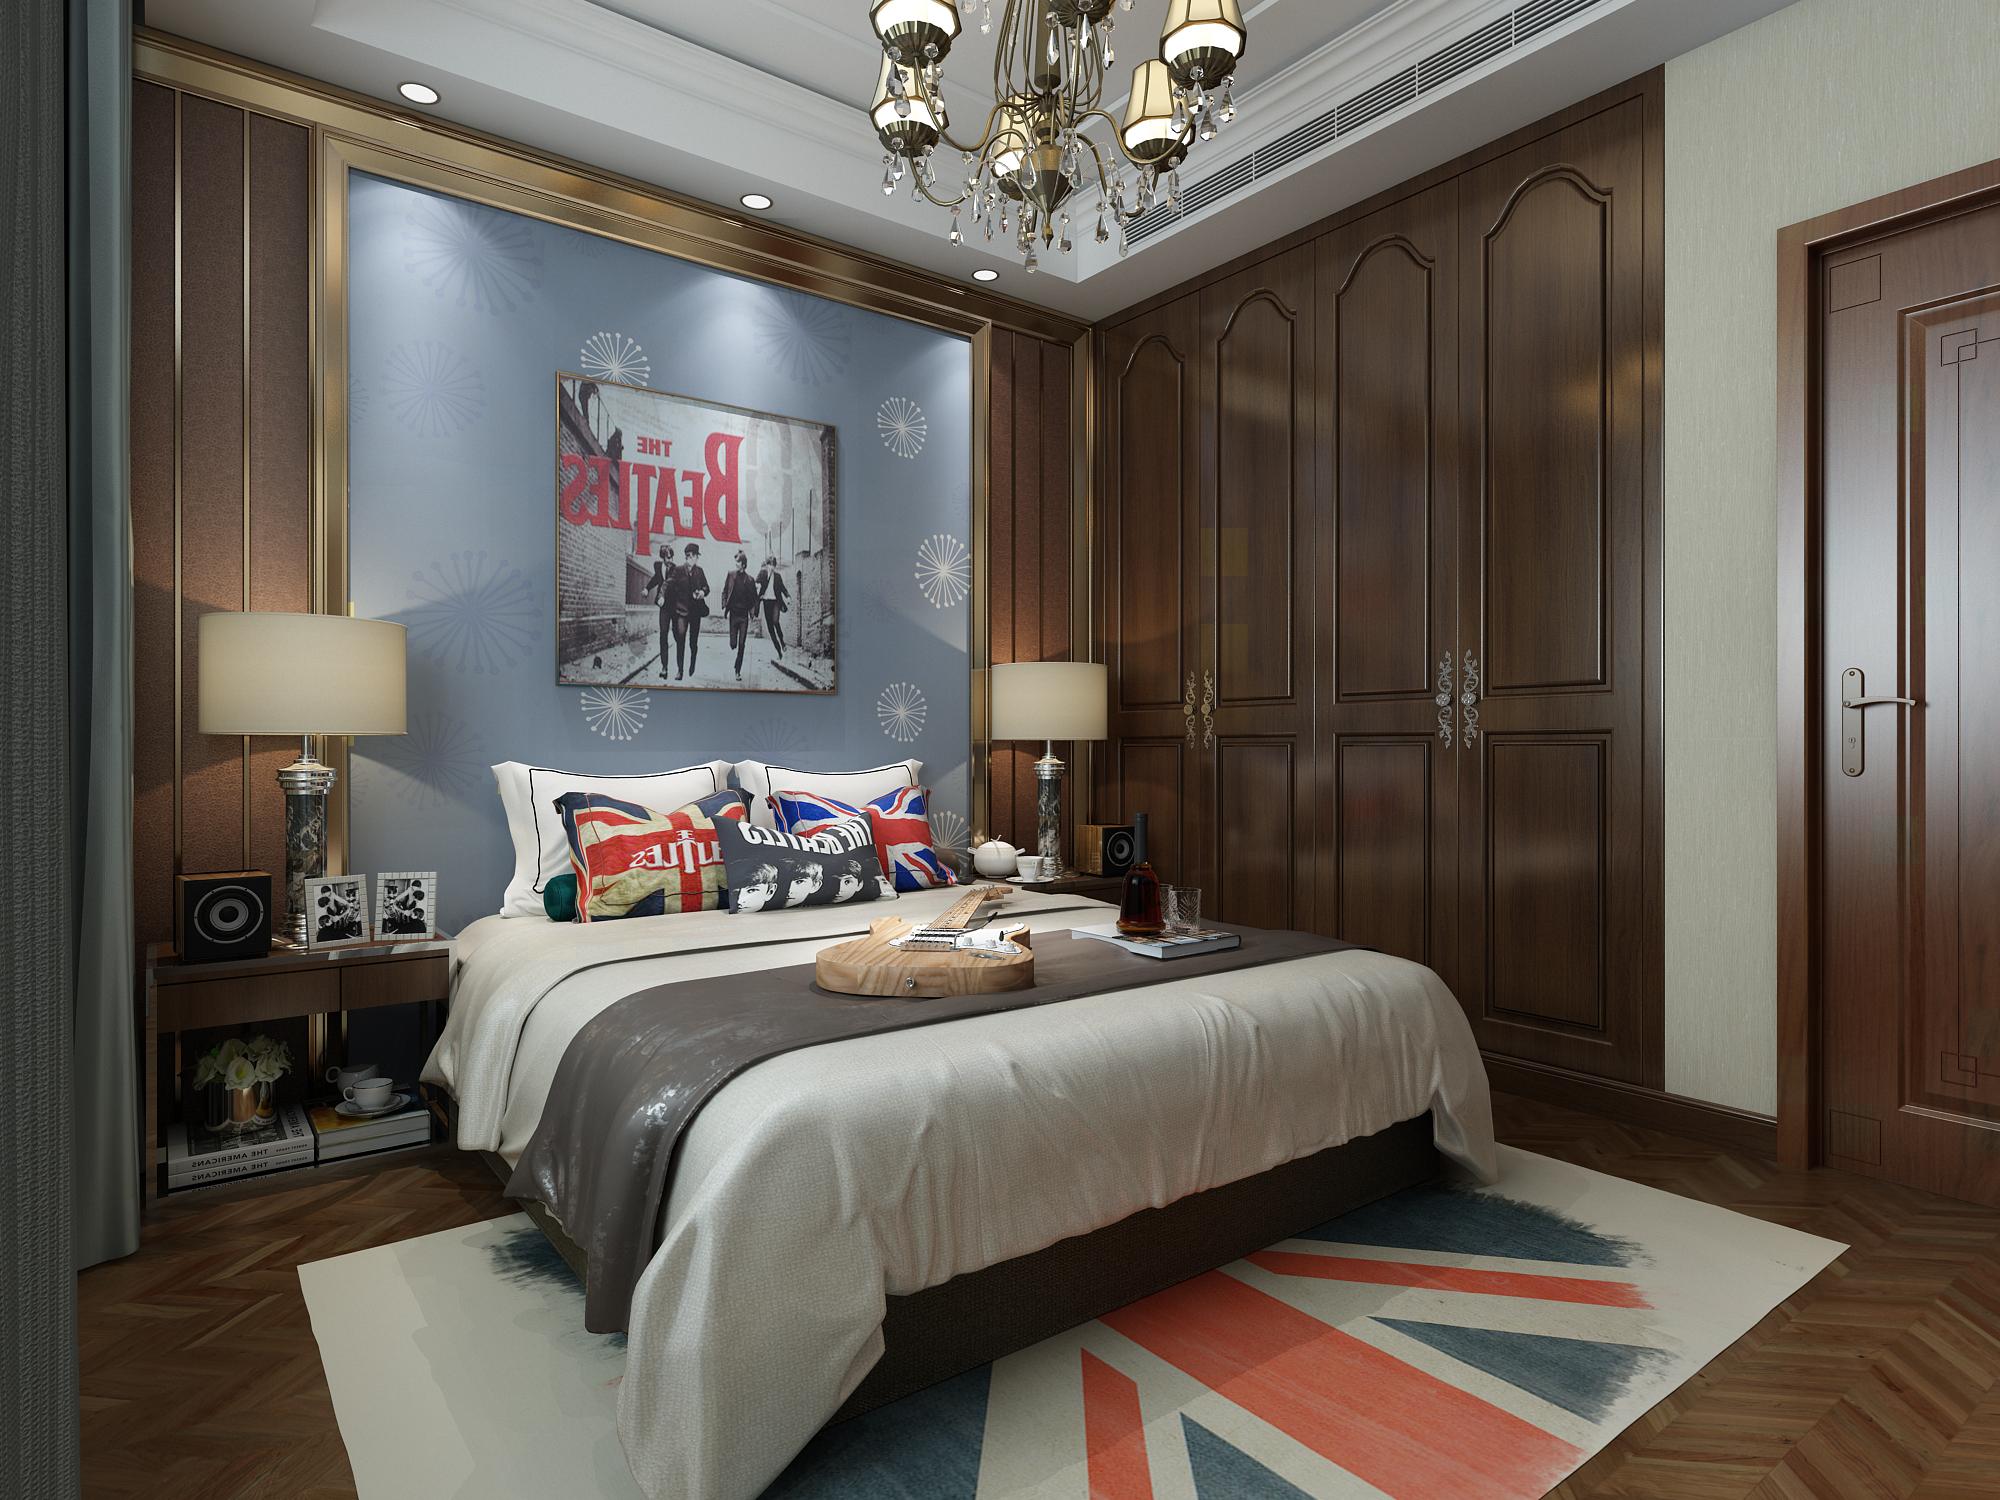 中式混搭风格别墅卧室装修效果图